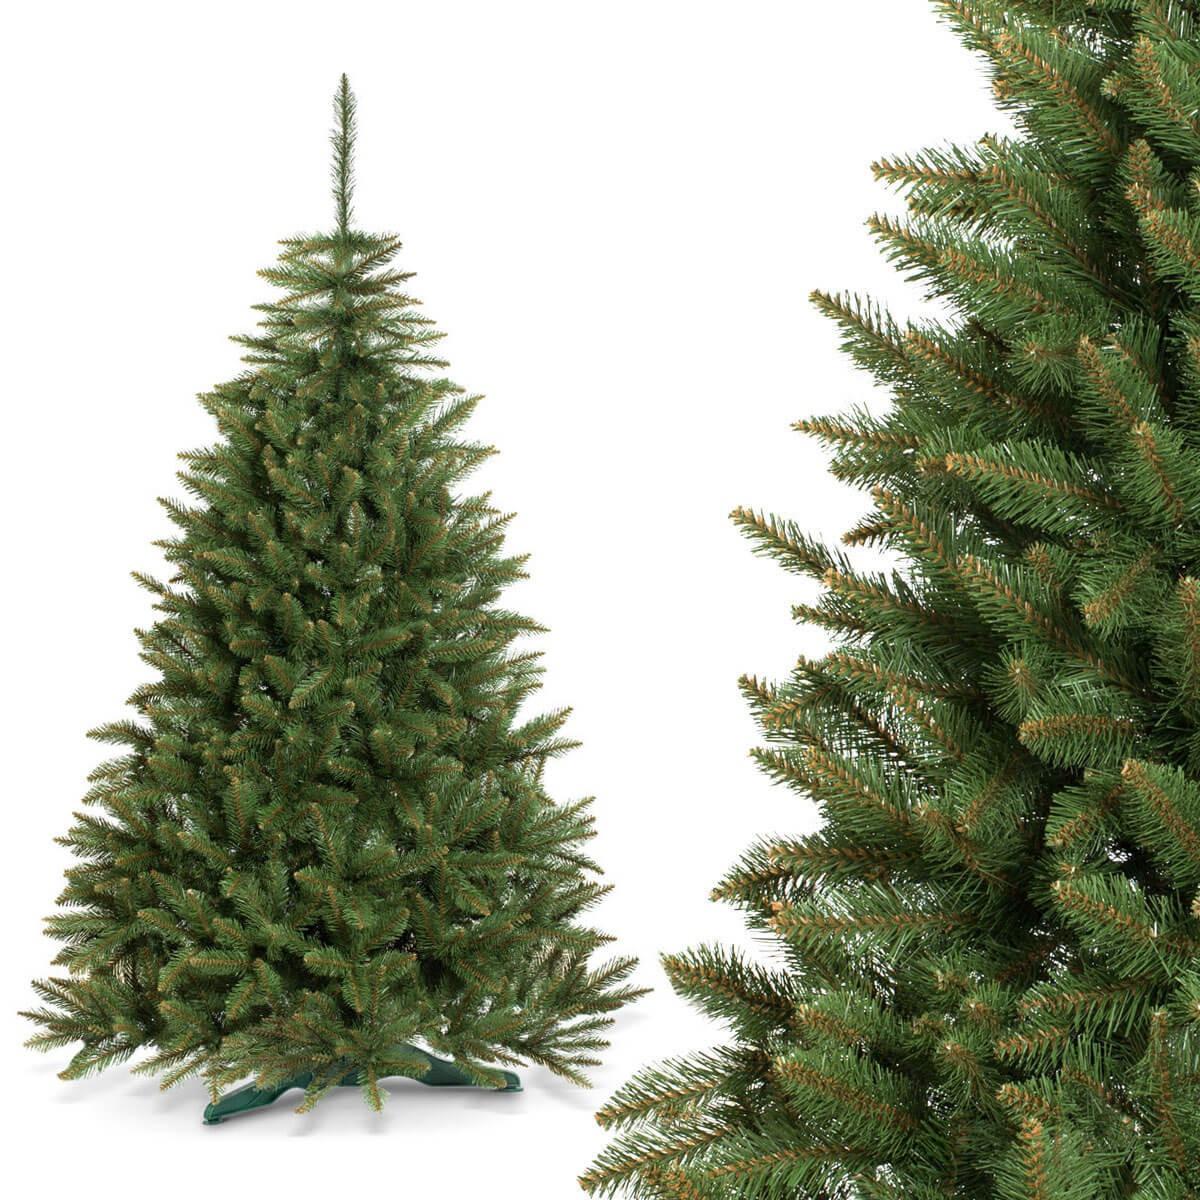 k nstlicher weihnachtsbaum tannenbaum christbaum k nstlich. Black Bedroom Furniture Sets. Home Design Ideas